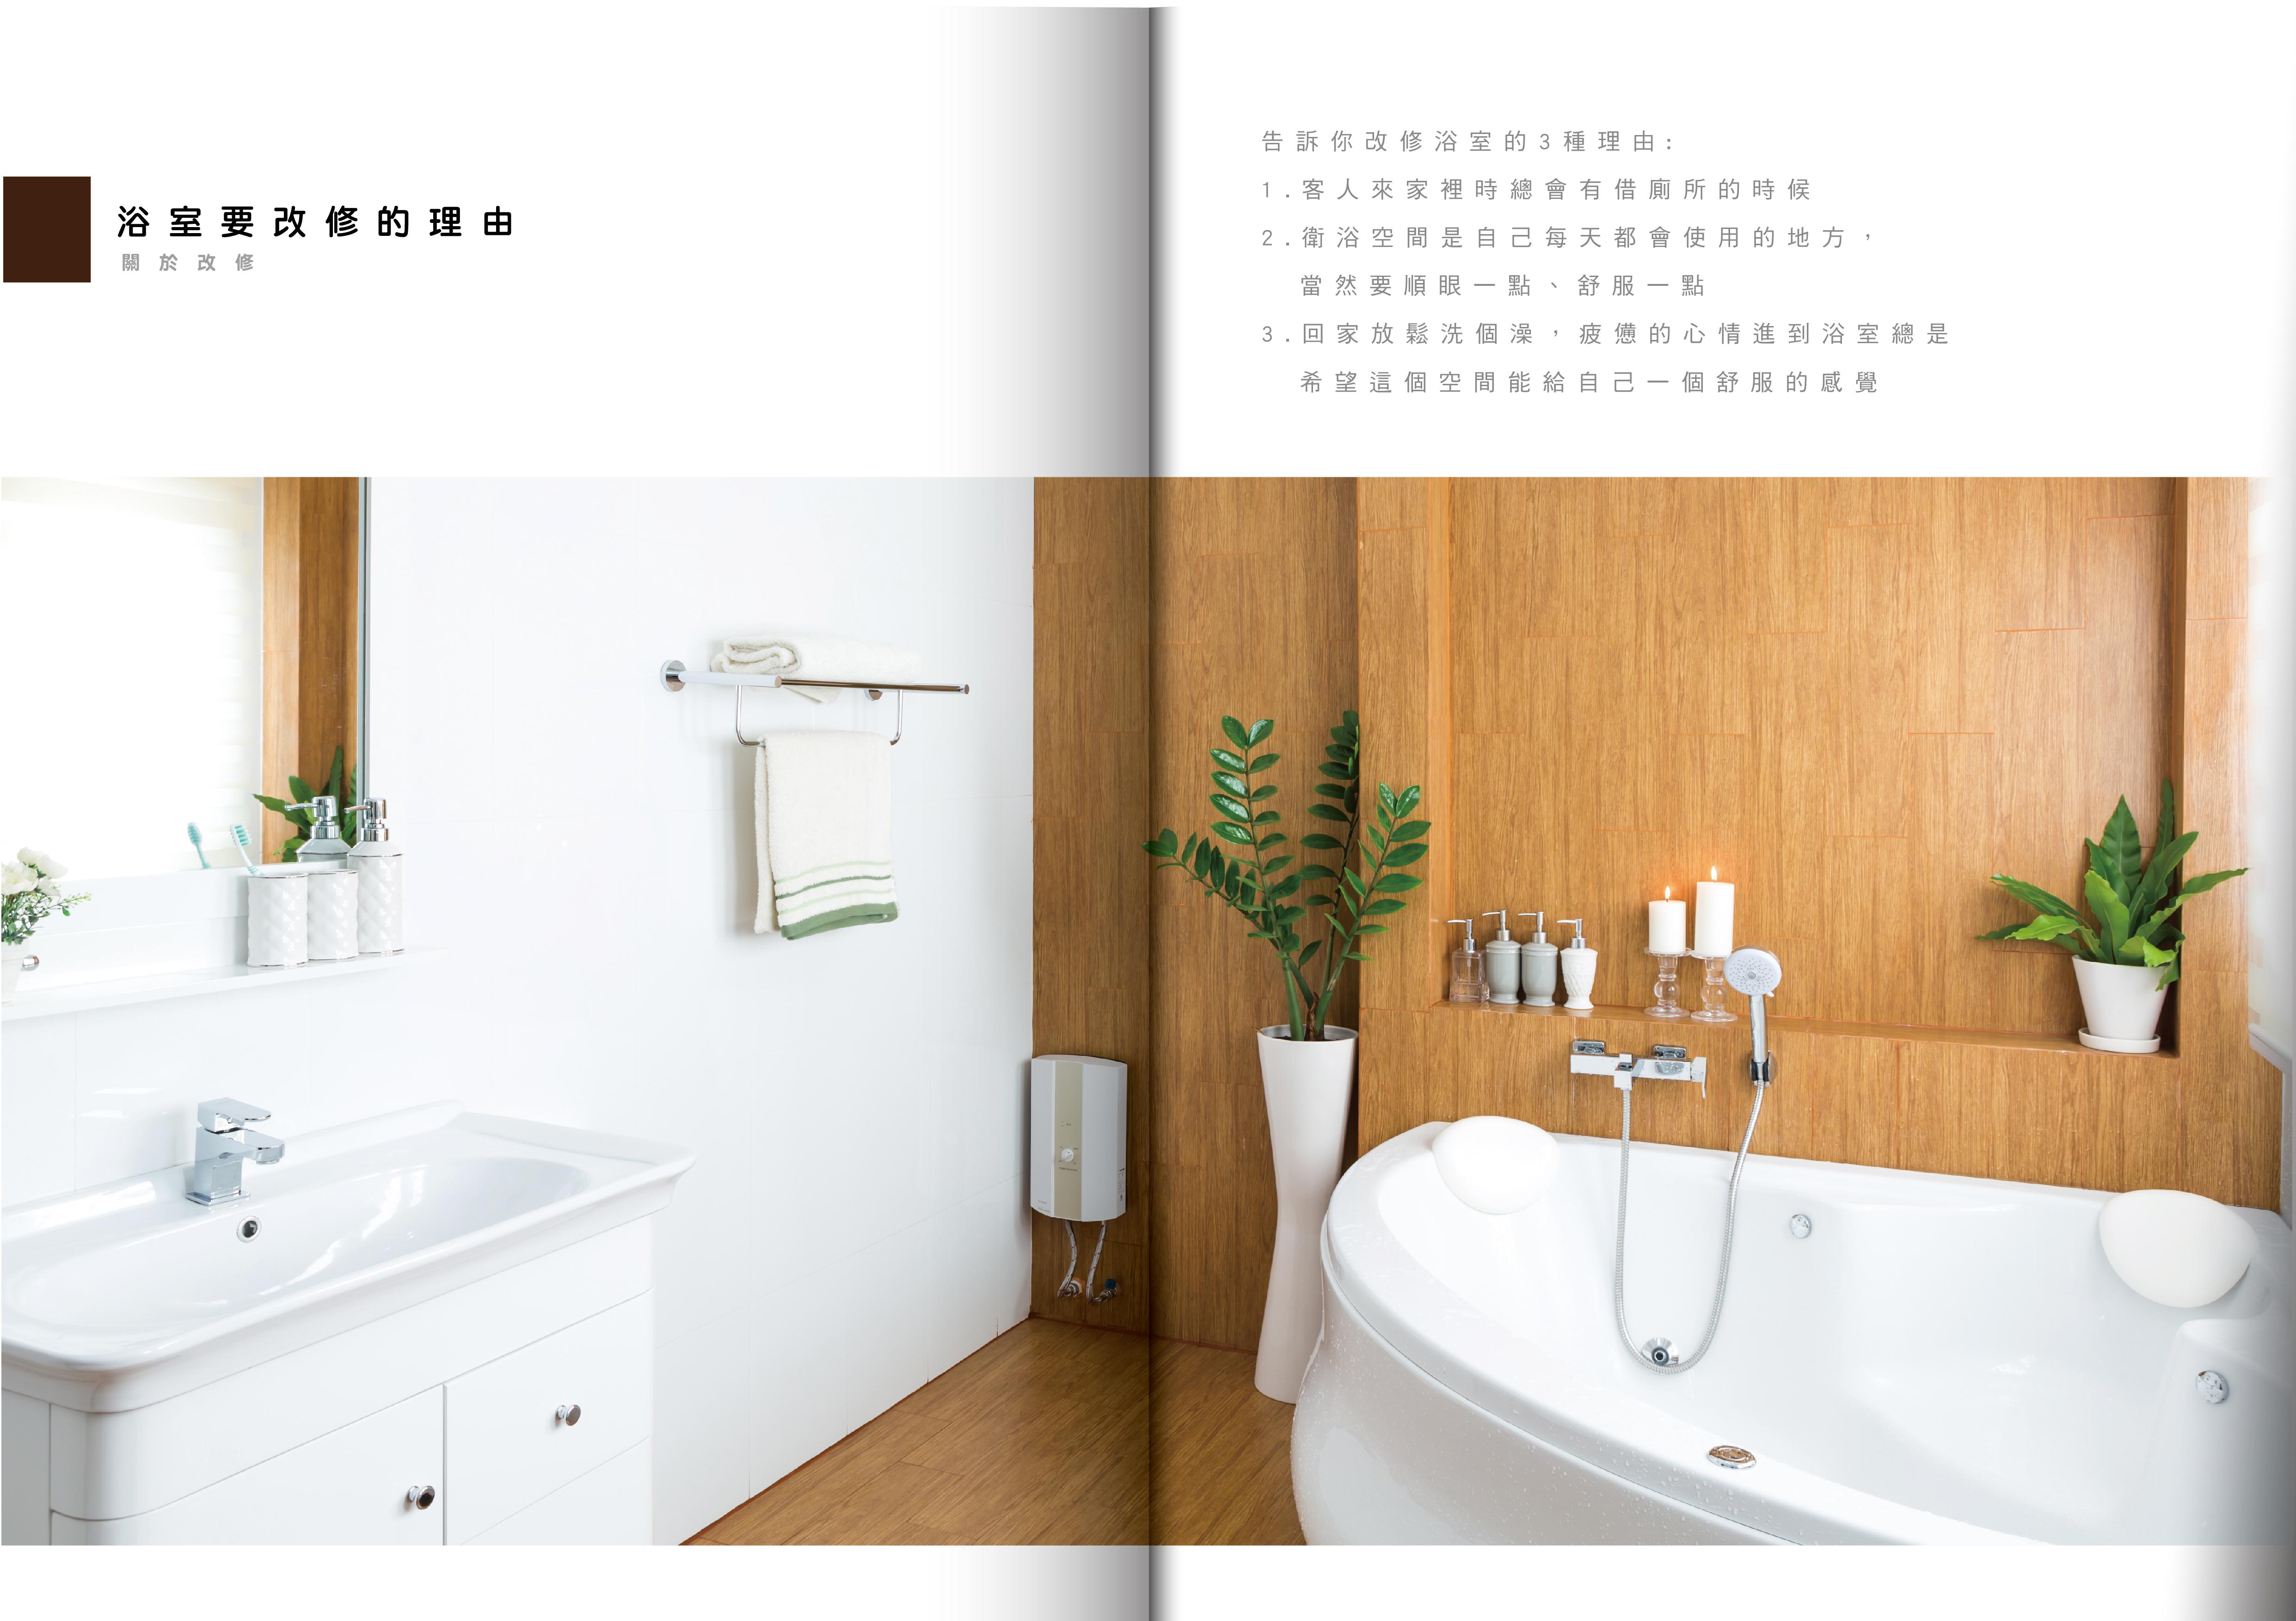 雜誌-雙-27.jpg